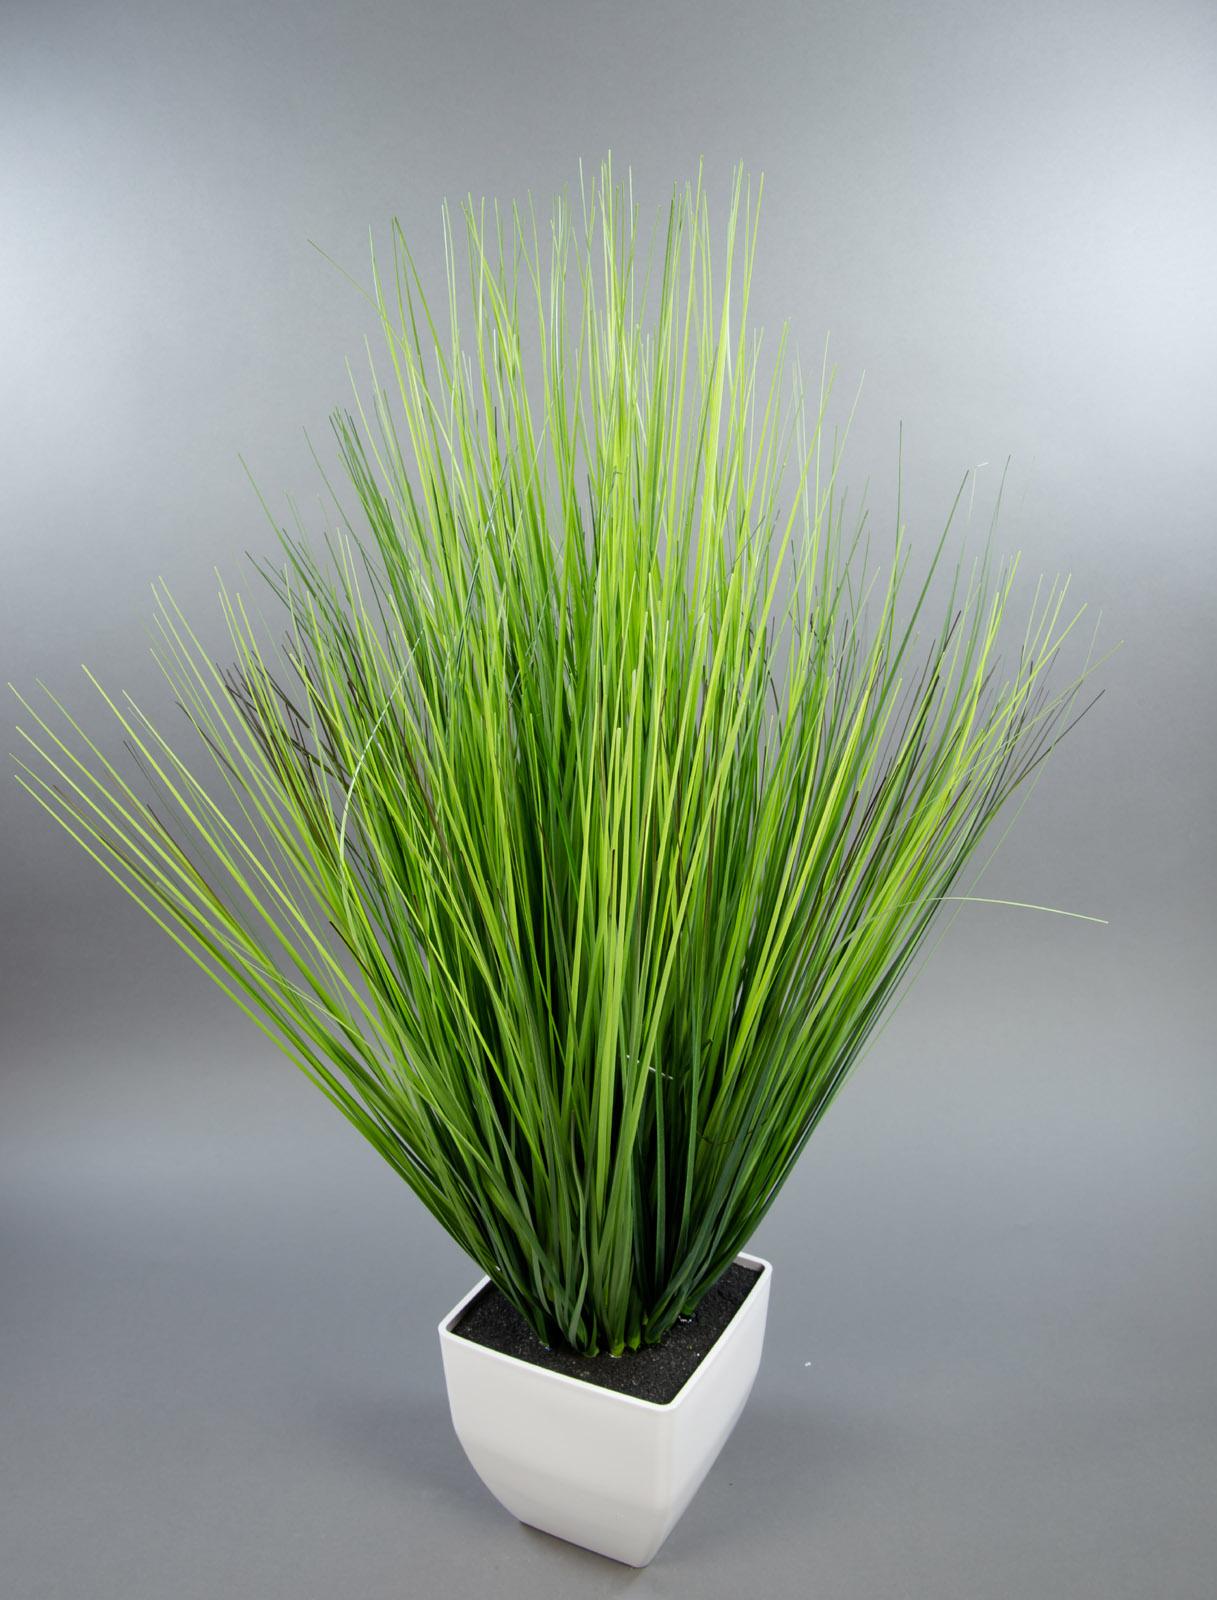 dekogras 62x45cm im wei en topf dp k nstliches gras grasbusch kunstpflanzen ebay. Black Bedroom Furniture Sets. Home Design Ideas